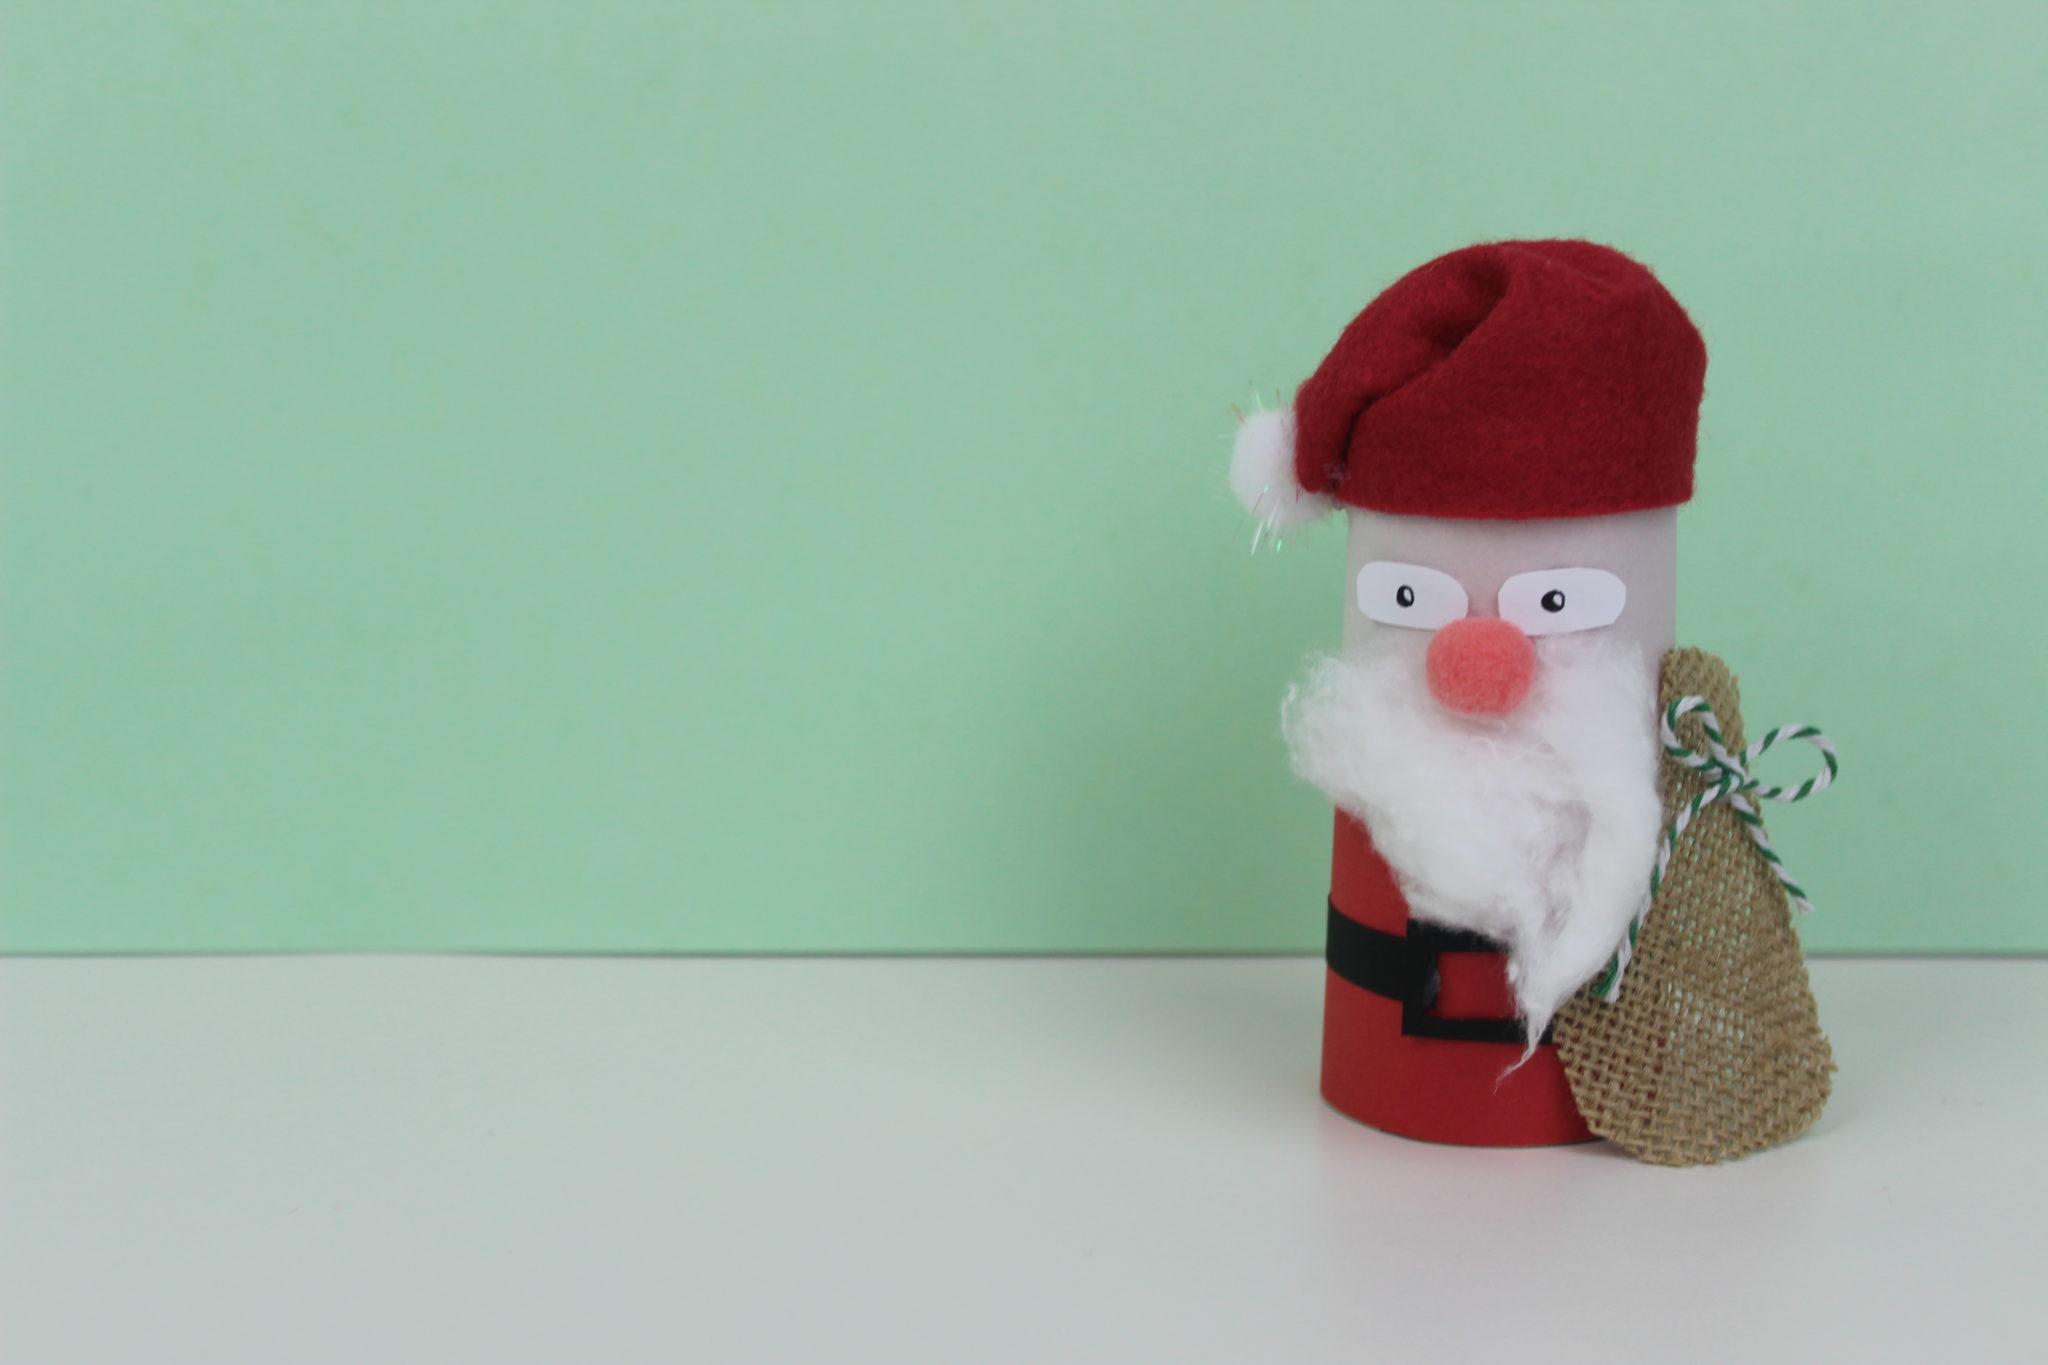 manualidades de santa claus navideño